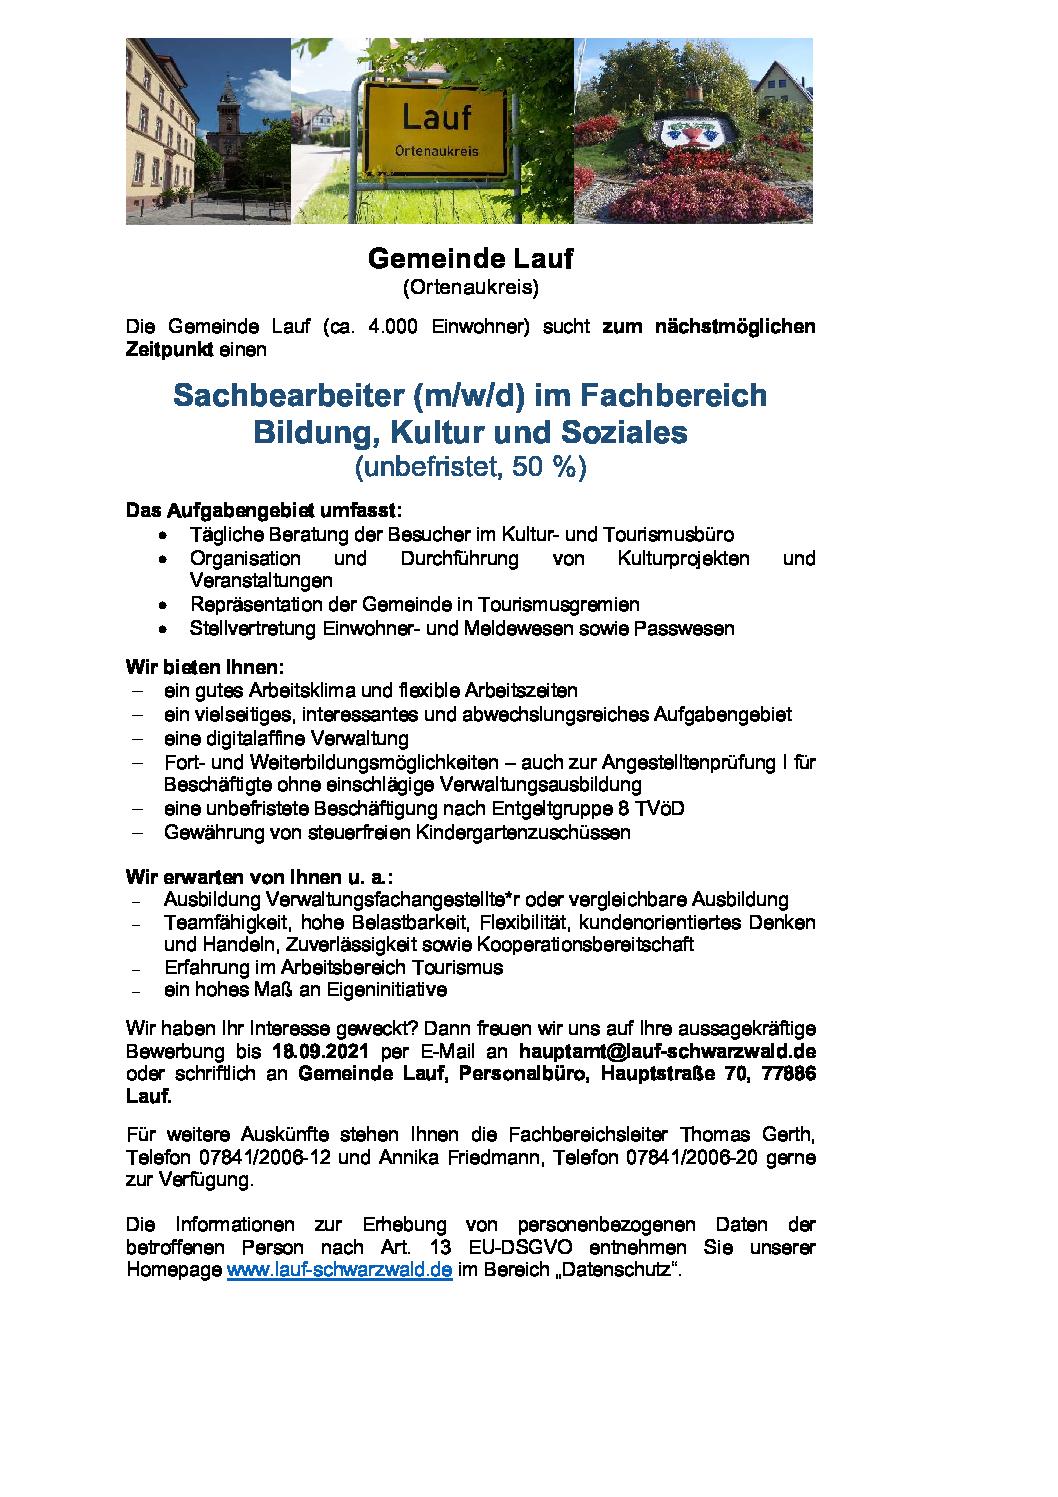 Stellenausschreibung – Sachbearbeiter (m/w/d) im Fachbereich  Bildung, Kultur und Soziales  (unbefristet, 50 %)